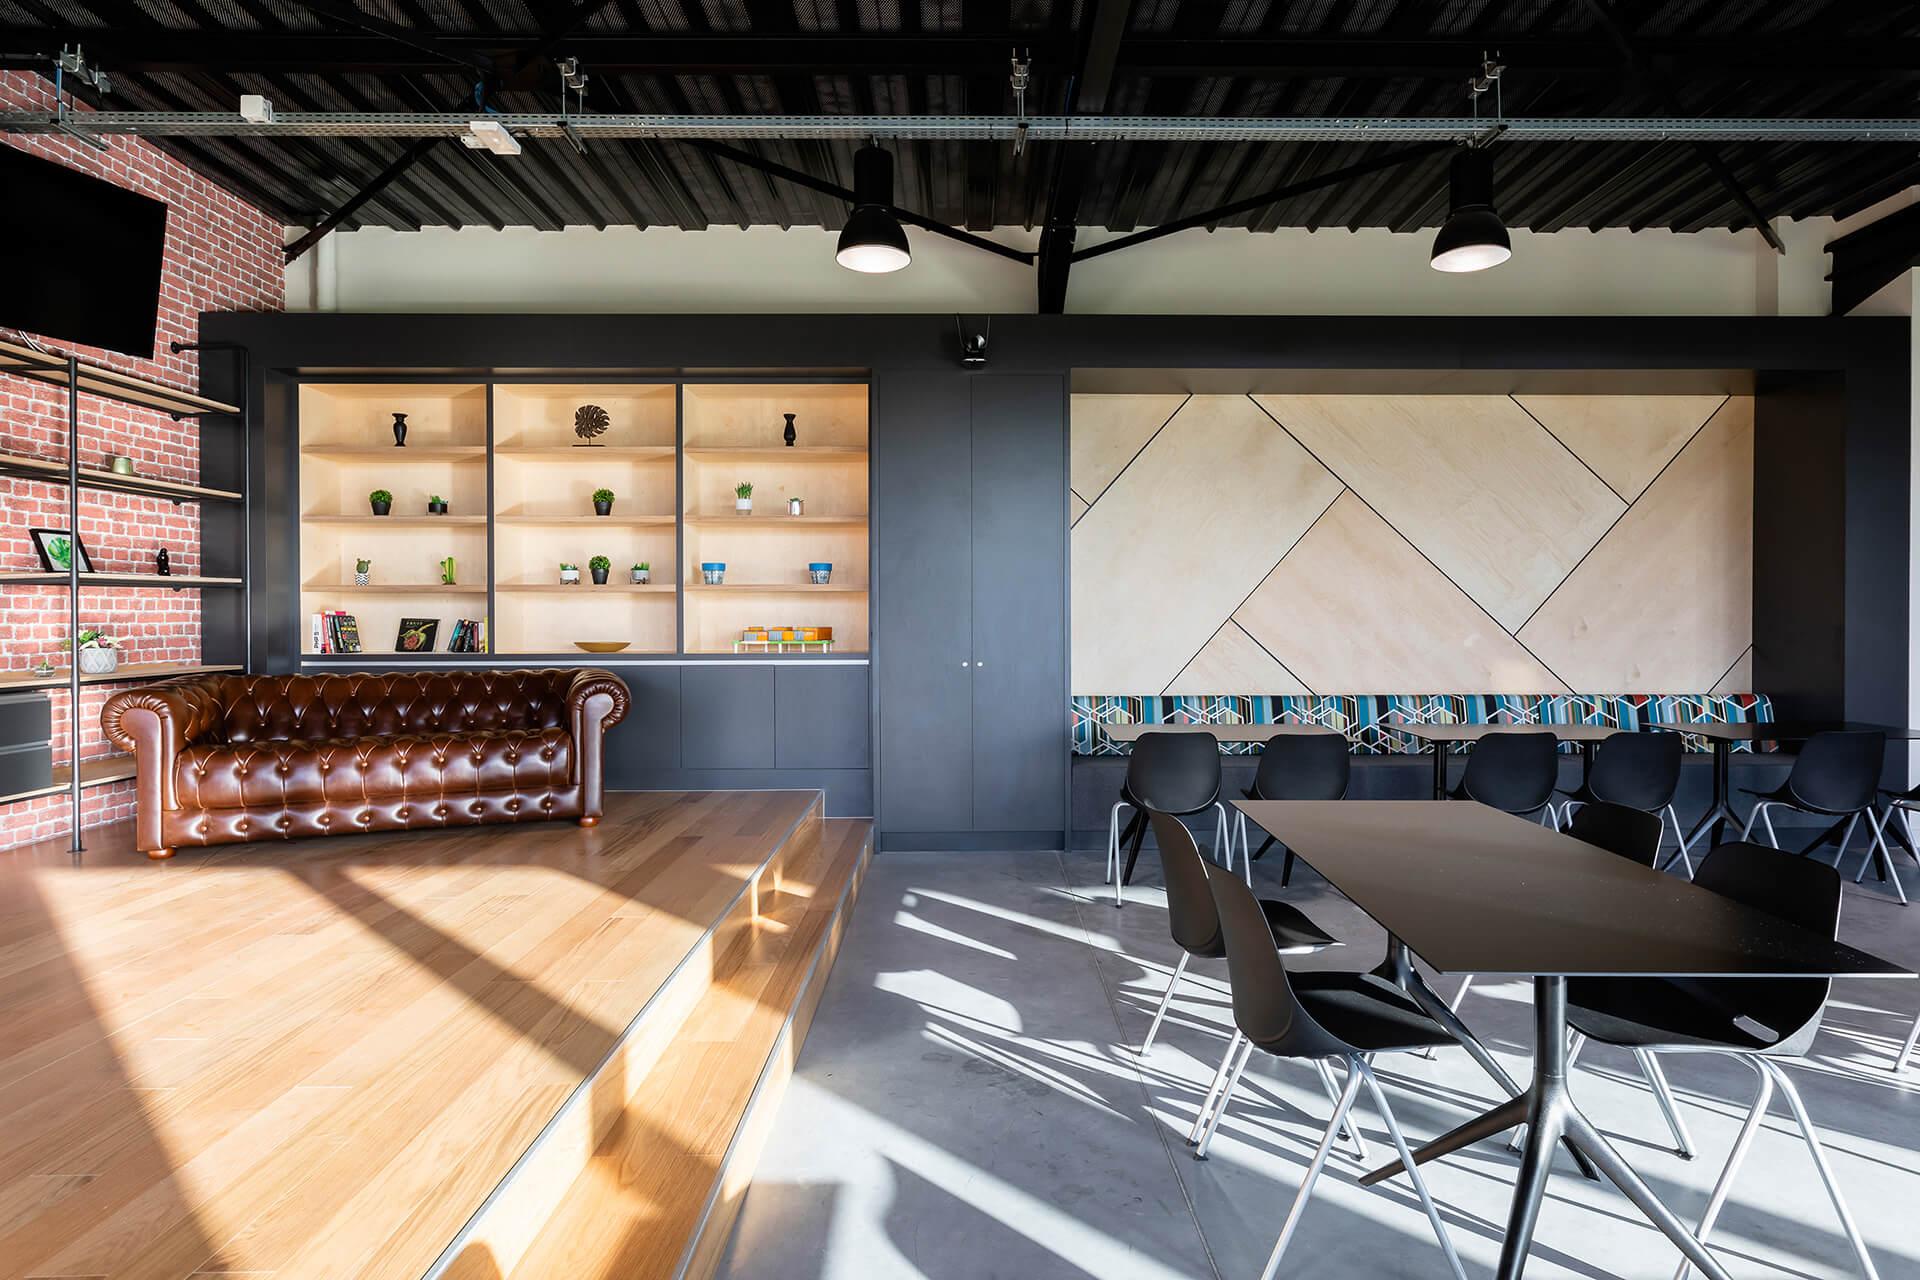 sala de reuniões de centro de negócios com sofá em pele, estantes e mobiliário em madeira de luxo